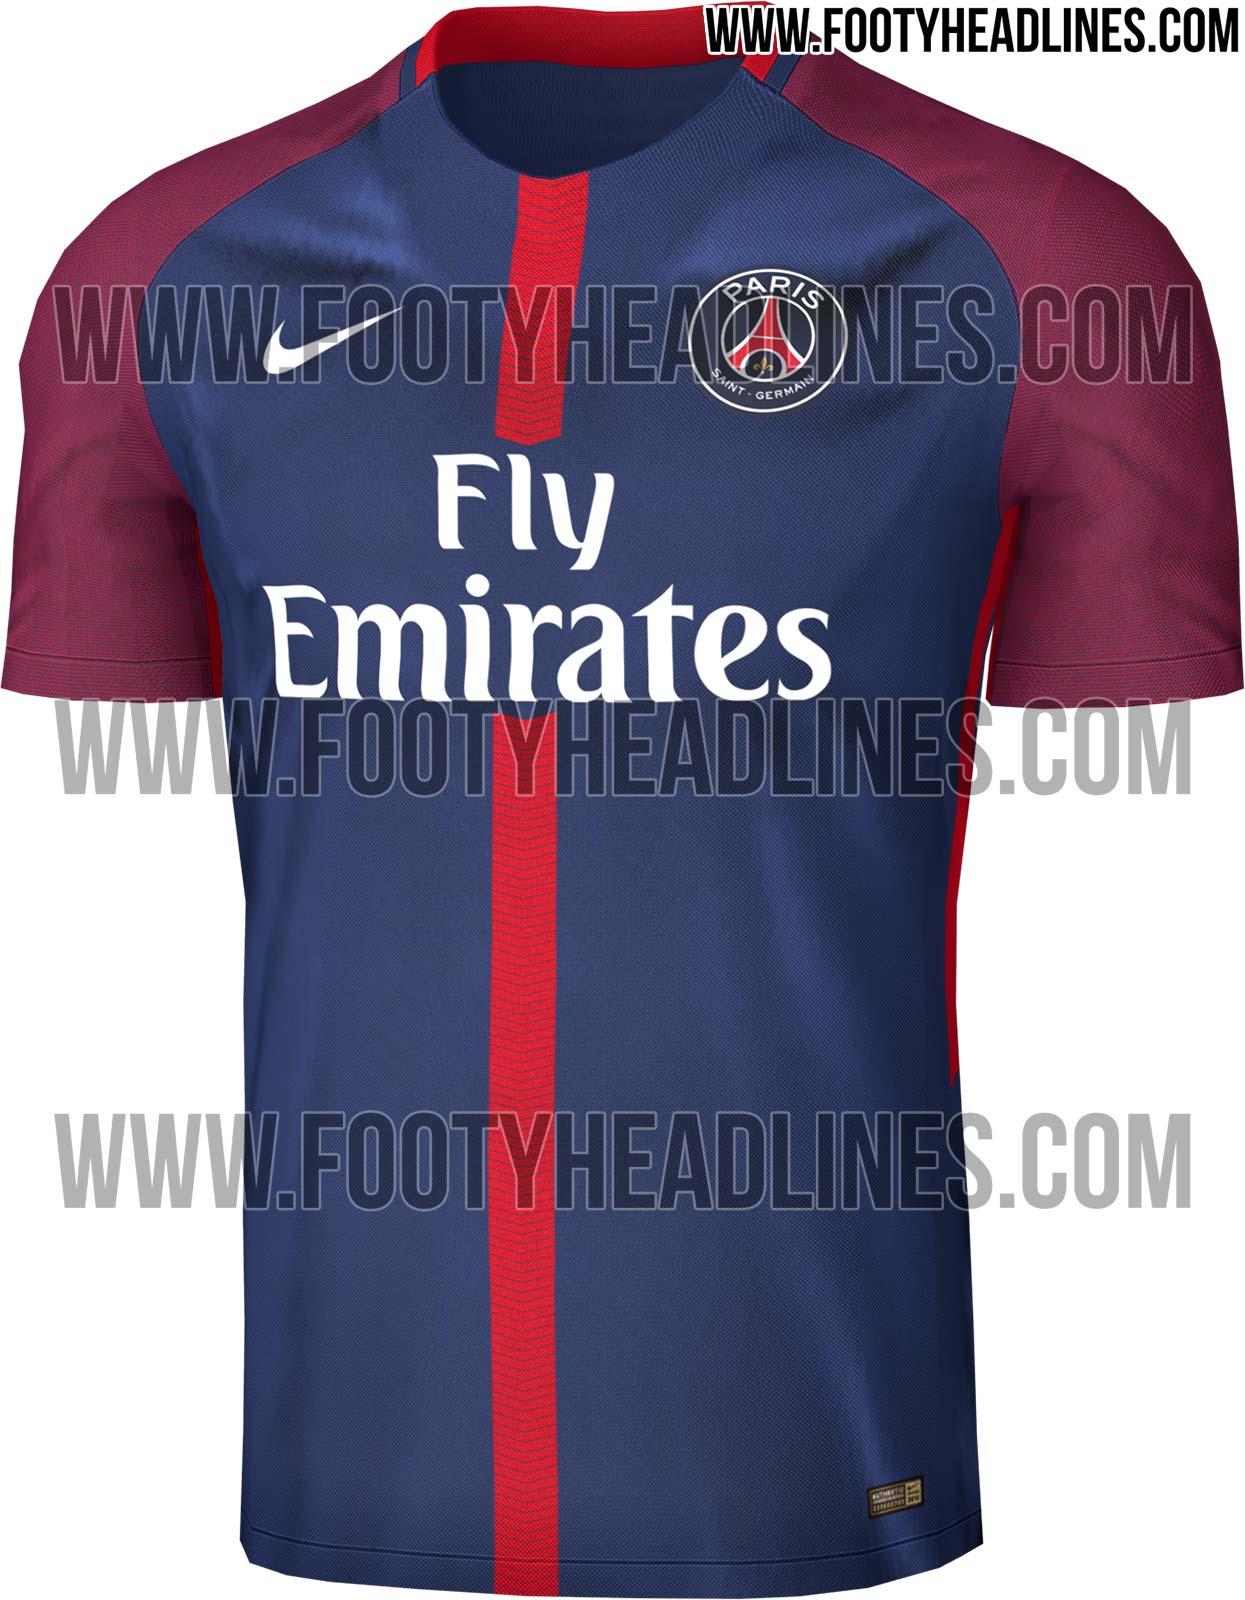 449cfdc8d16e5 O site especializado em camisas de time de futebol de todo o mundo Footy  Headlines publicou nesta sexta (24) a imagem do que pode ser a nova camisa  do PSG ...